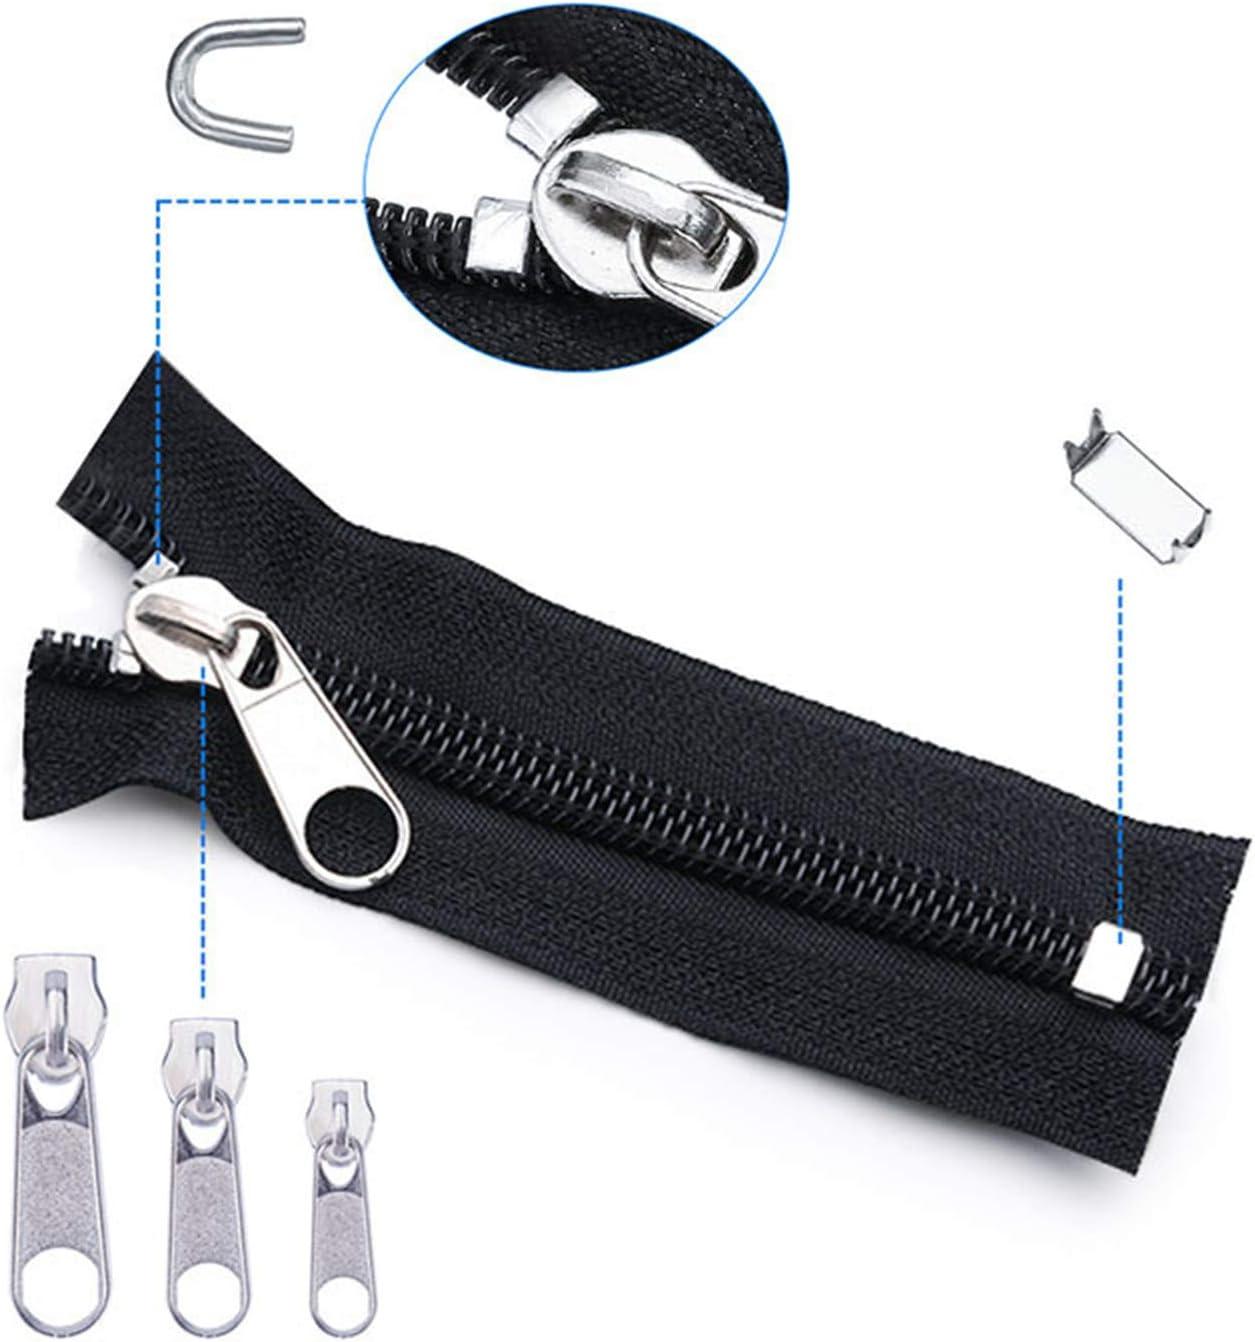 chaquetas estuche de costura juego de repuesto de cremallera con pinzas de montaje para bolsos tiendas de campa/ña Kit de reparaci/ón de cremallera de 85 piezas con 24 accesorios de costura